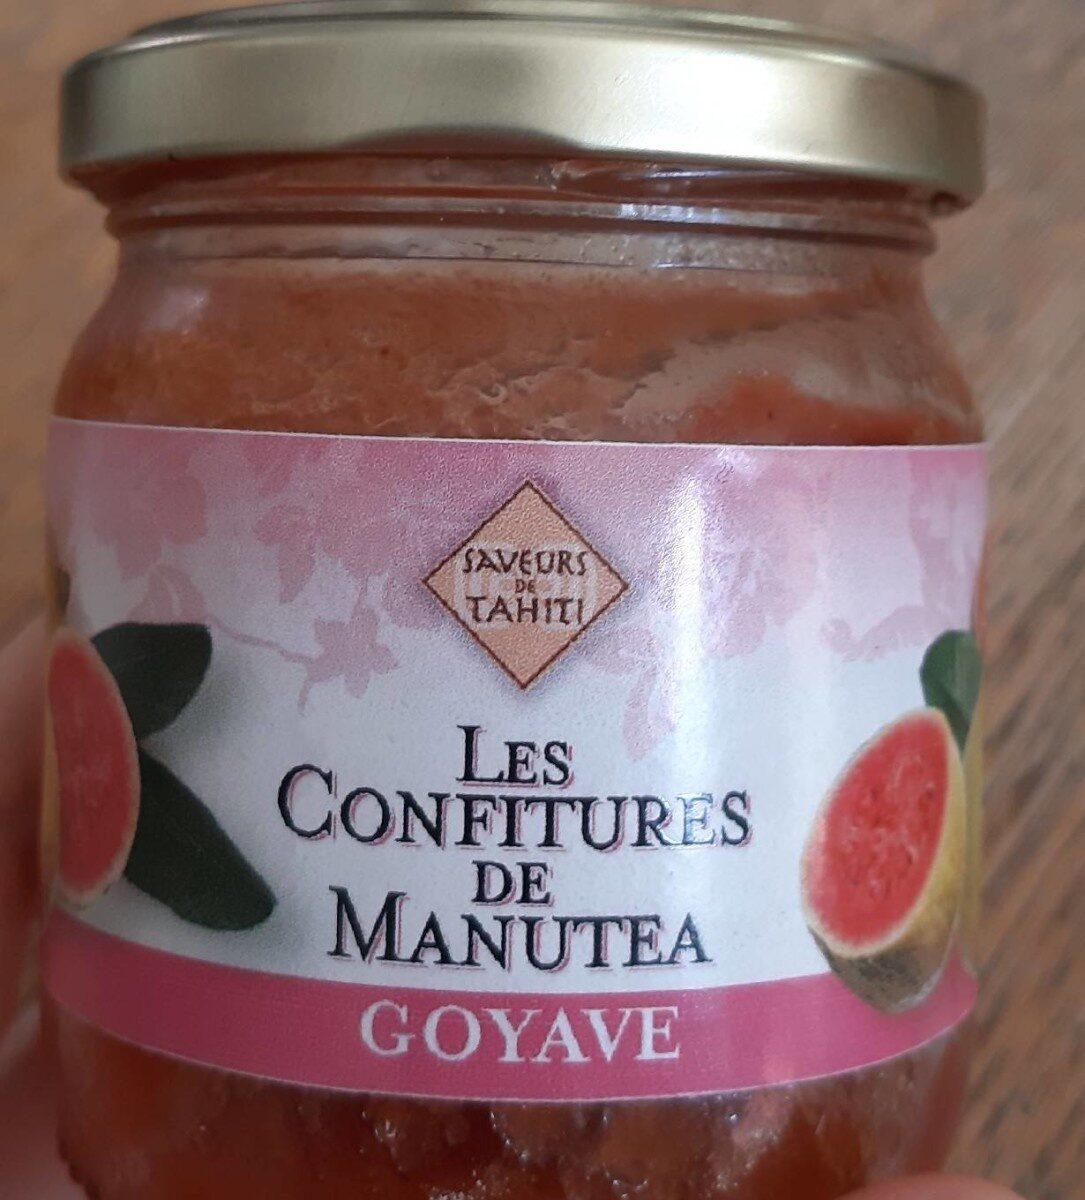 Les confitures de manutea goyave - Product - fr